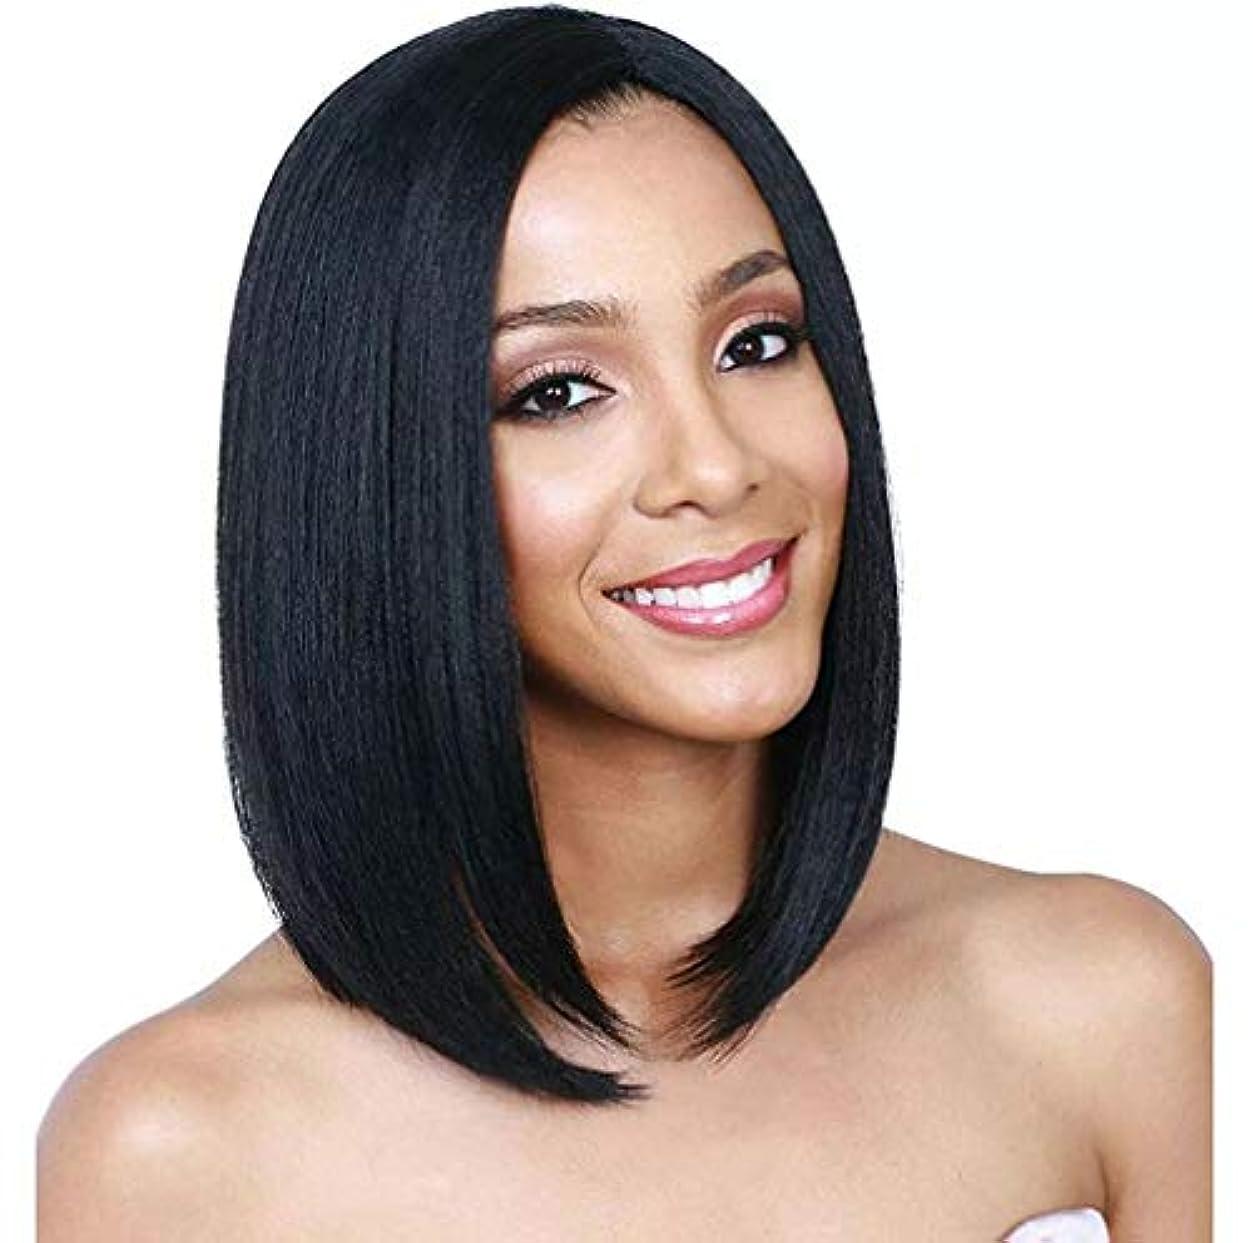 脊椎感情評議会女性のかつらボブストレート人工毛ウィッグ耐熱繊維グルーレス髪の毎日パーティーグラデーション150%高密度